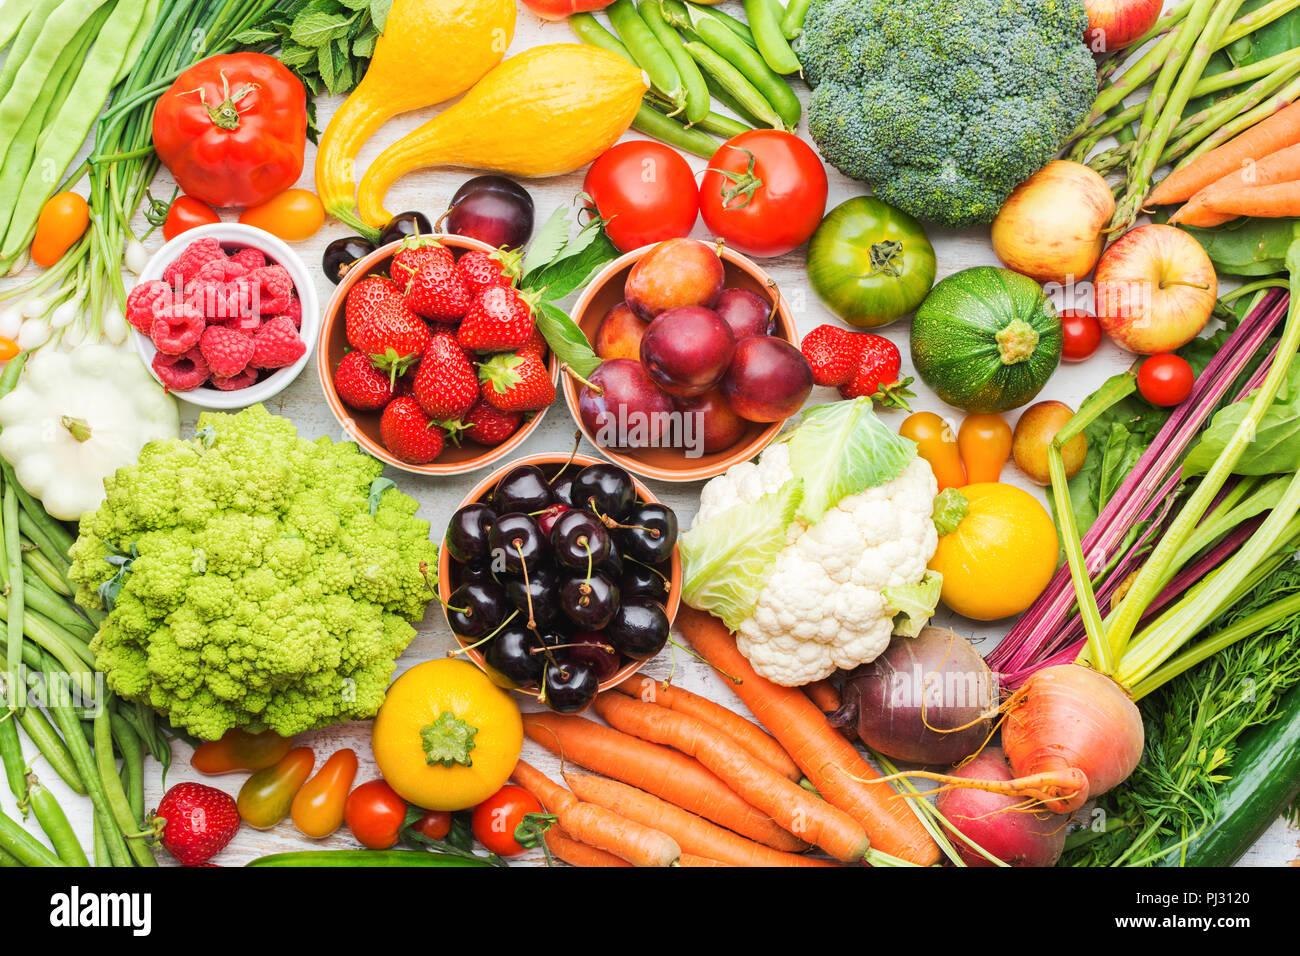 Les fruits d'été légumes baies, cerises fond Pommes Pêches Fraises chou-fleur Brocoli Chou Carottes Tomates courge betterave oignons de printemps, vue du dessus, selective focus Photo Stock